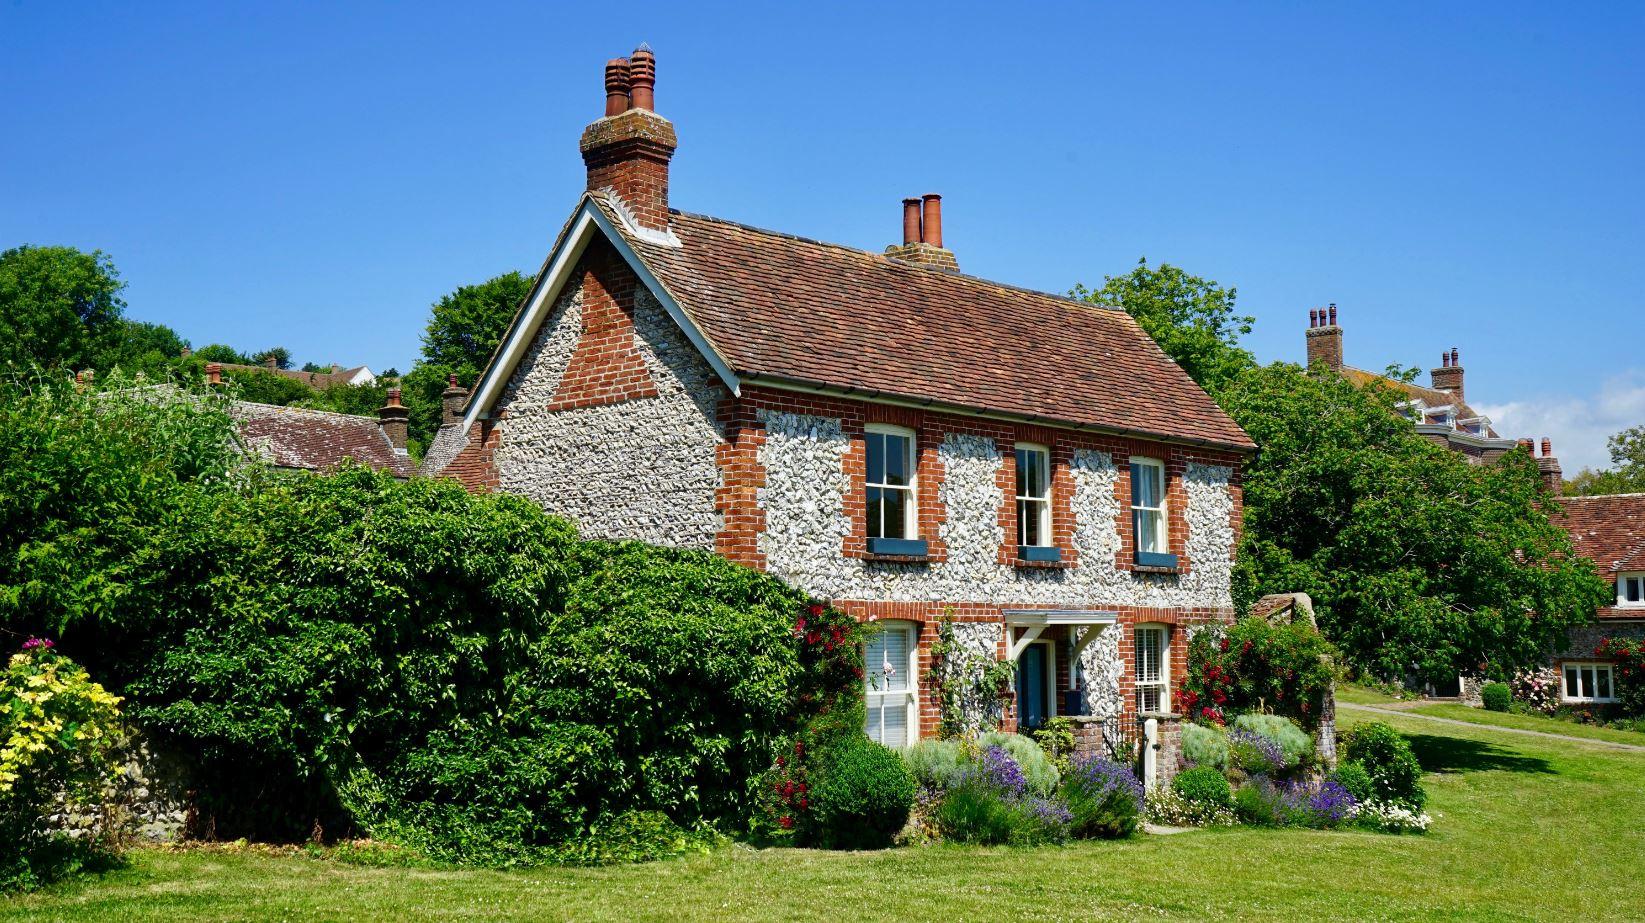 Mercato immobiliare: la richiesta di case in campagna sale ...